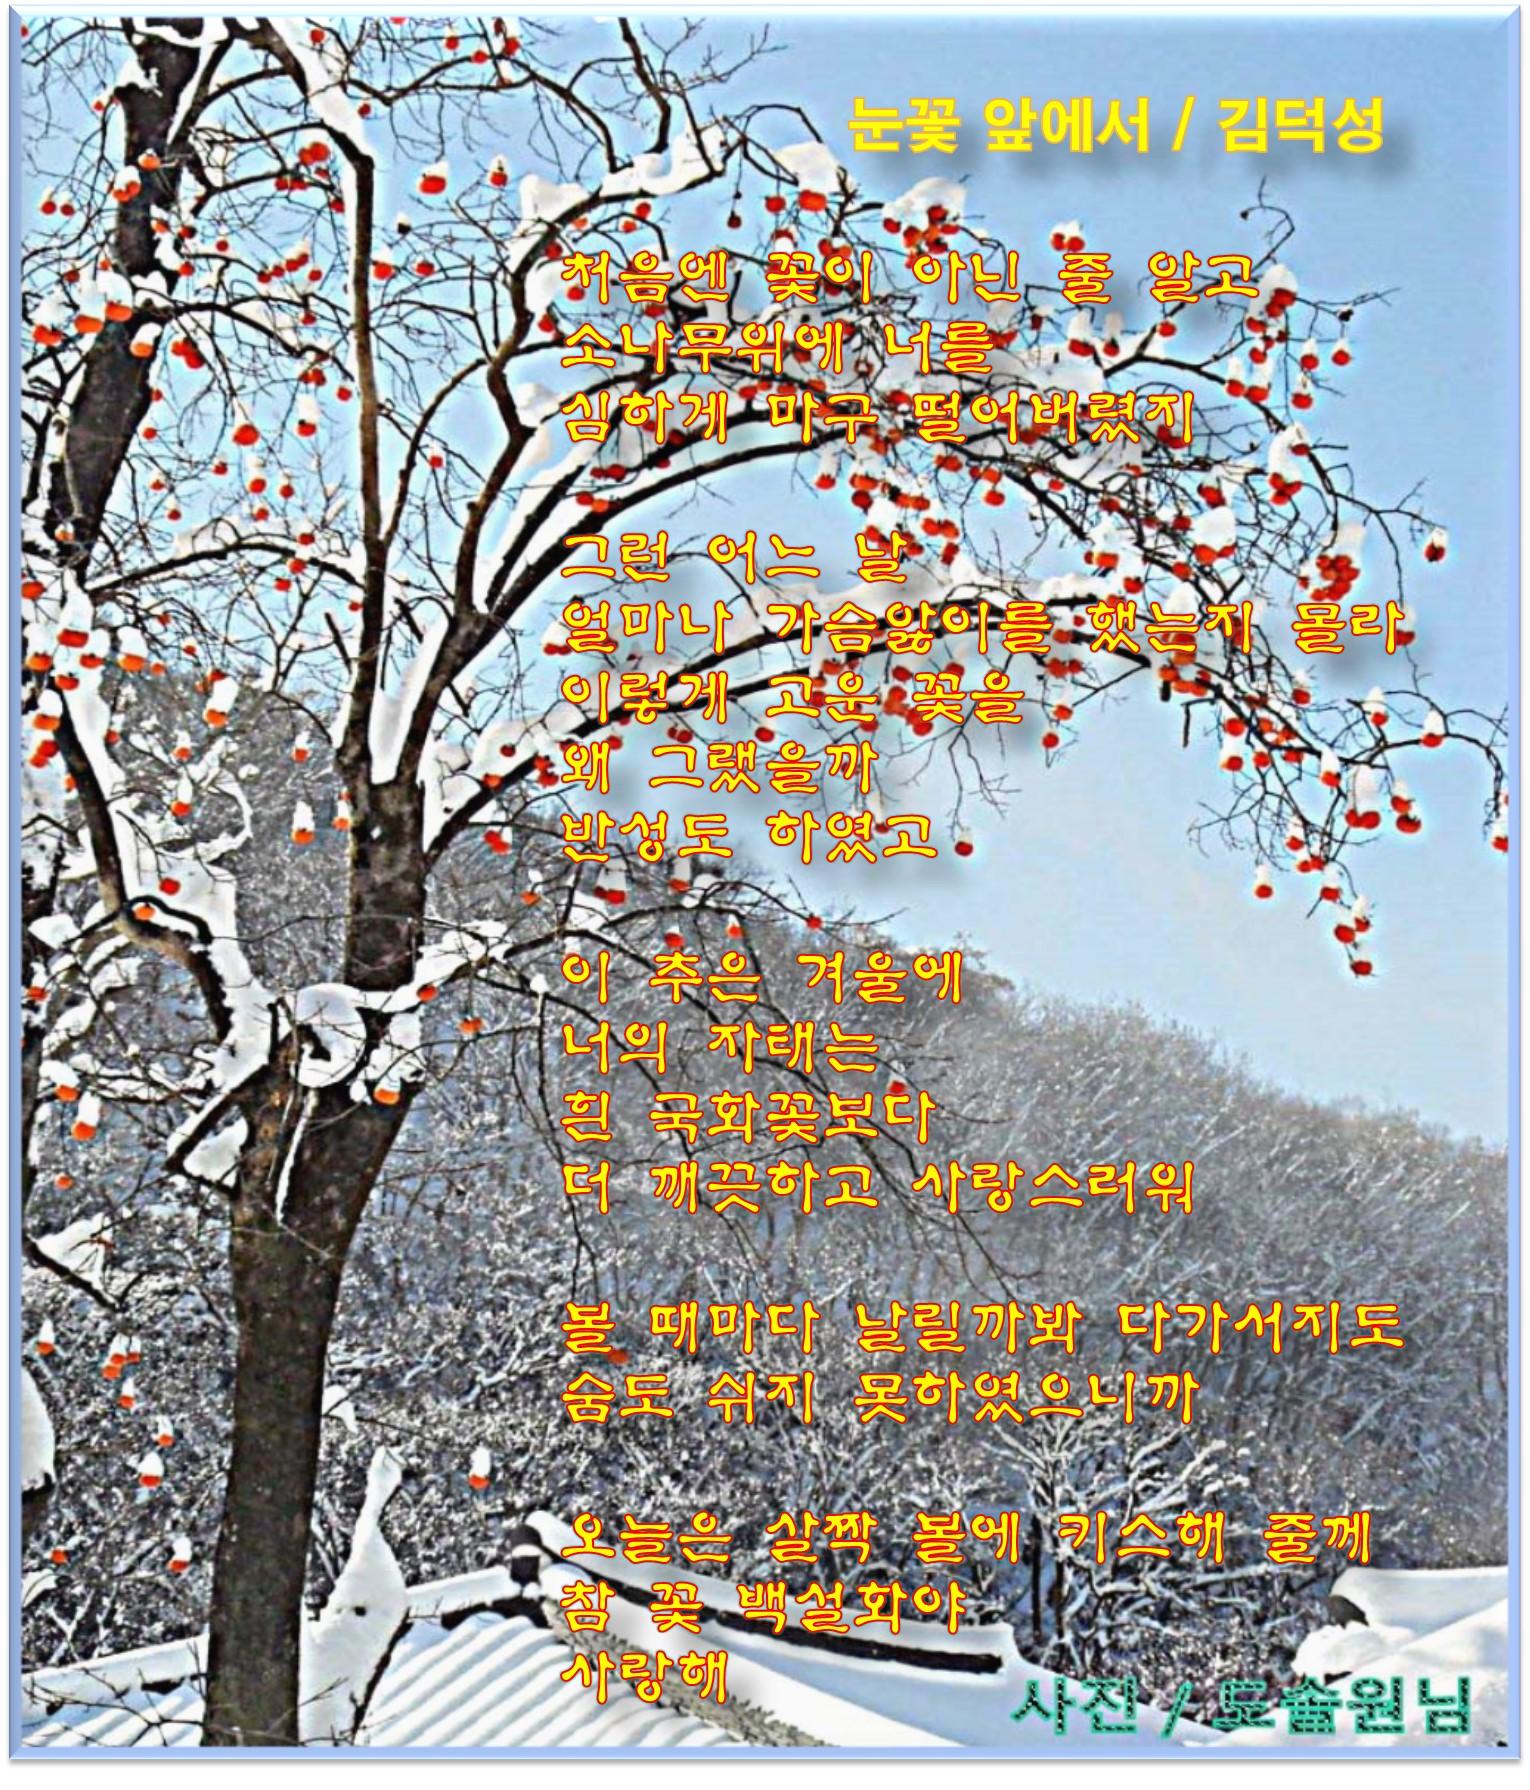 이 글은 파워포인트에서 만든 이미지입니다.  눈 꽃 앞에서 / 김덕성